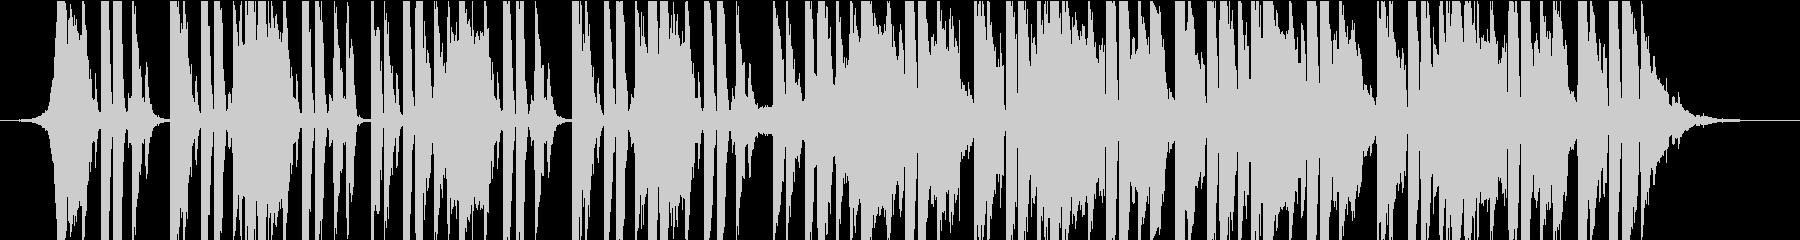 ポップ テクノ 代替案 アクティブ...の未再生の波形